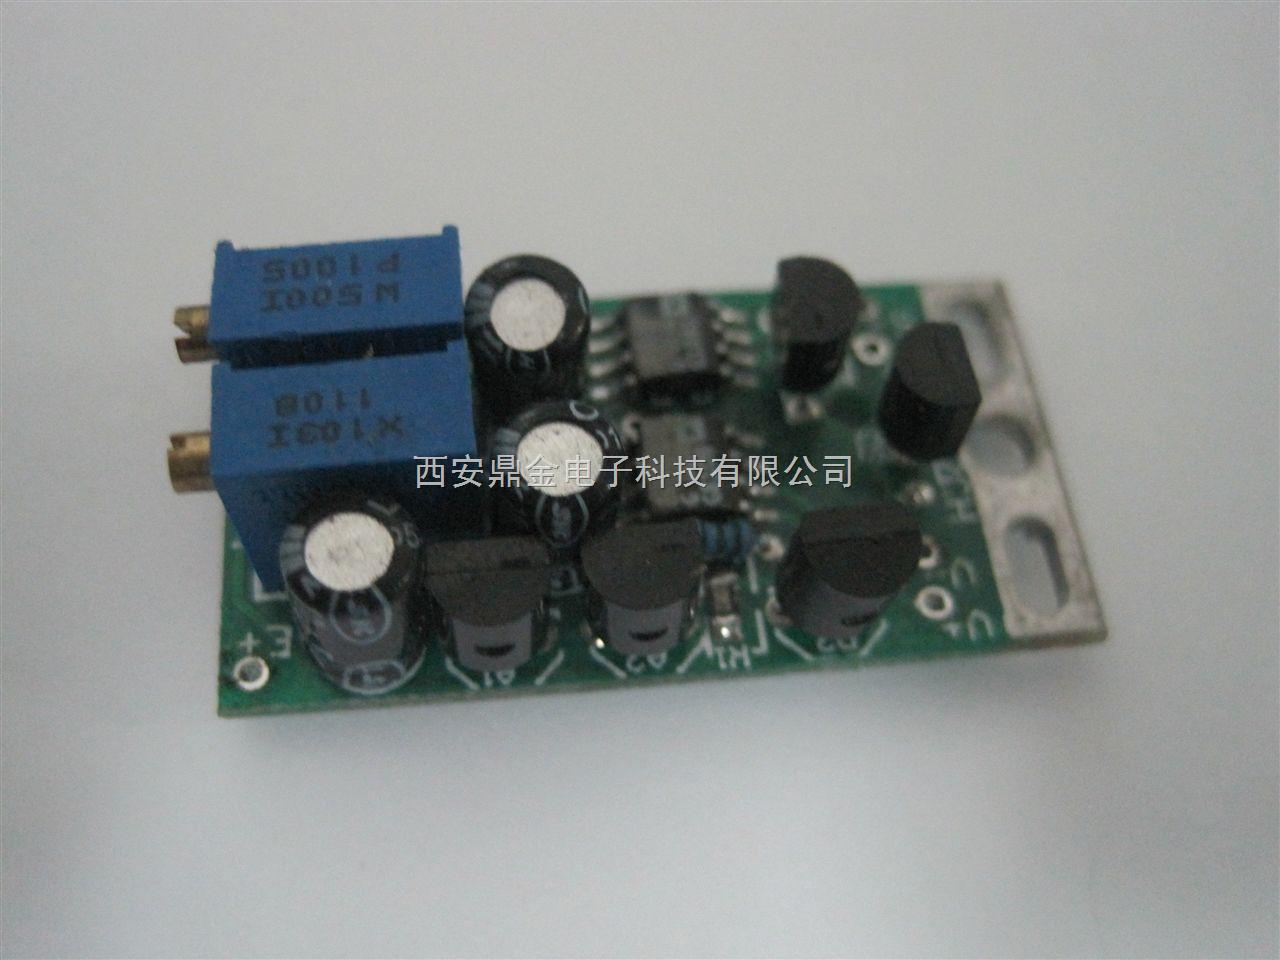 rc-a3n 三线制压力电路板